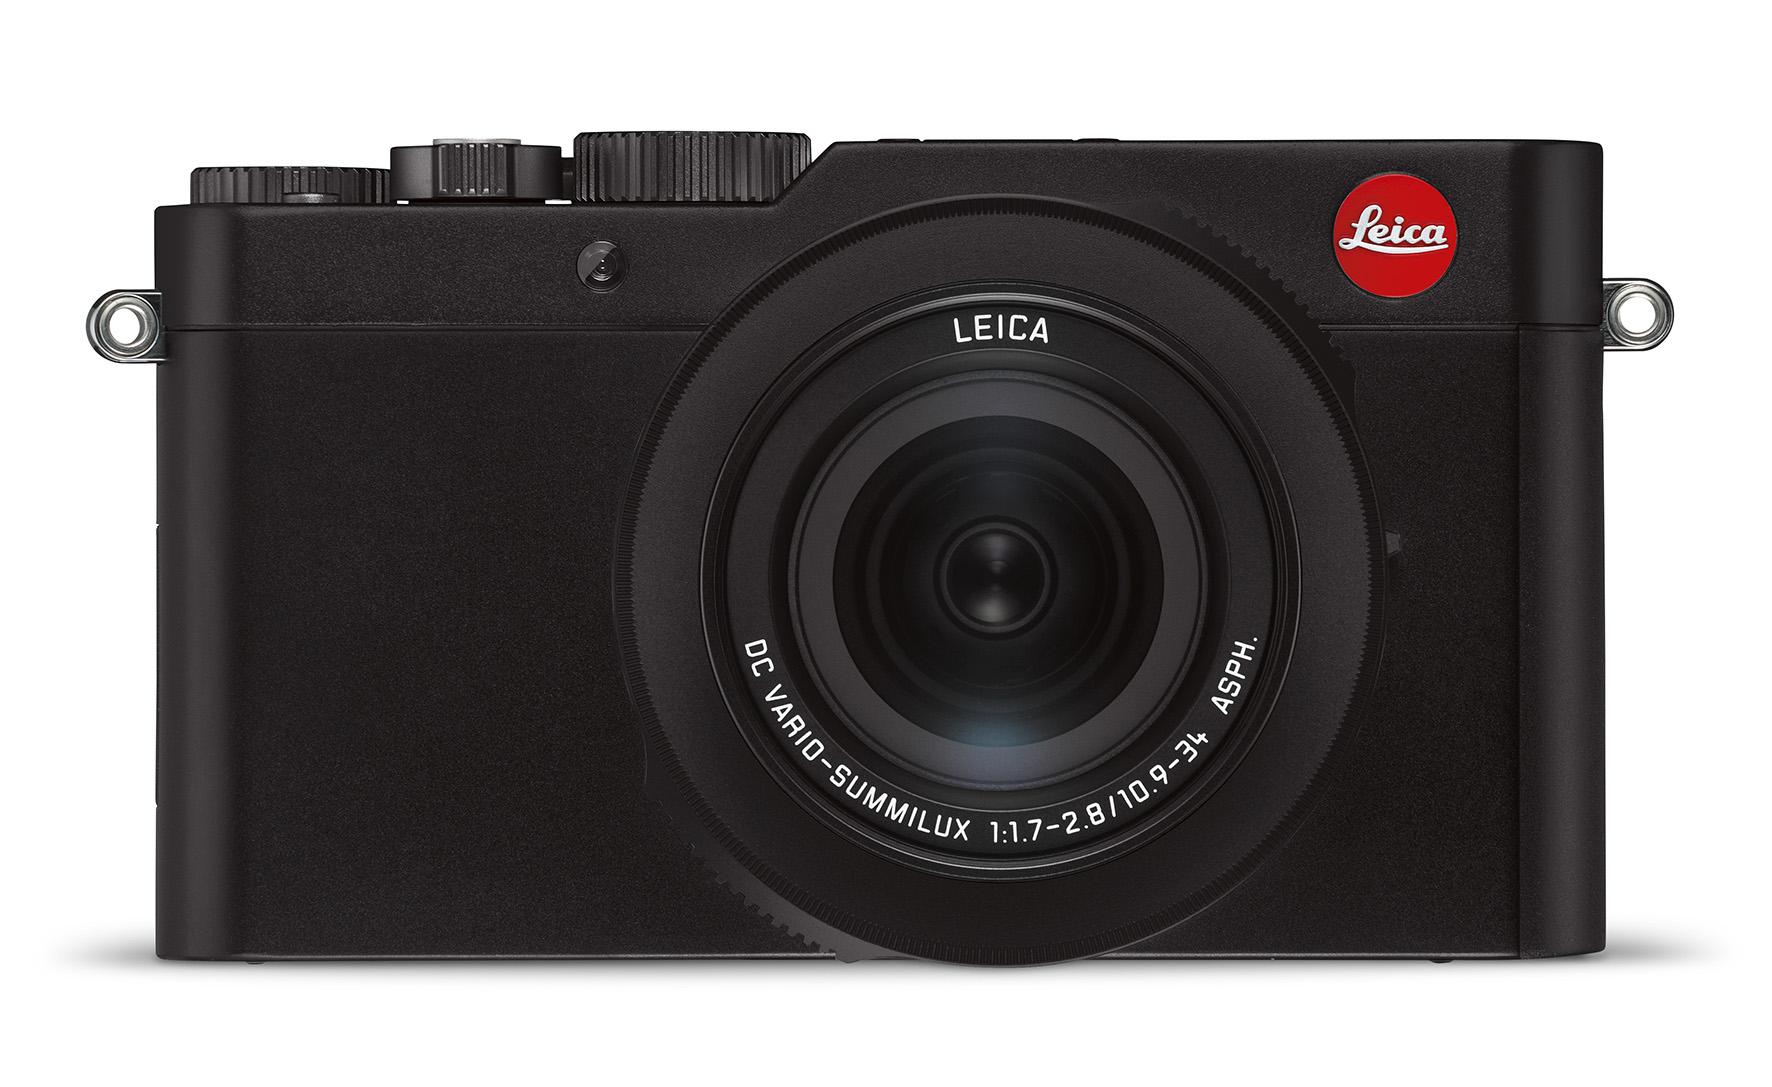 Schwarz ist die neue Farbvariante der Leica D-Lux 7.